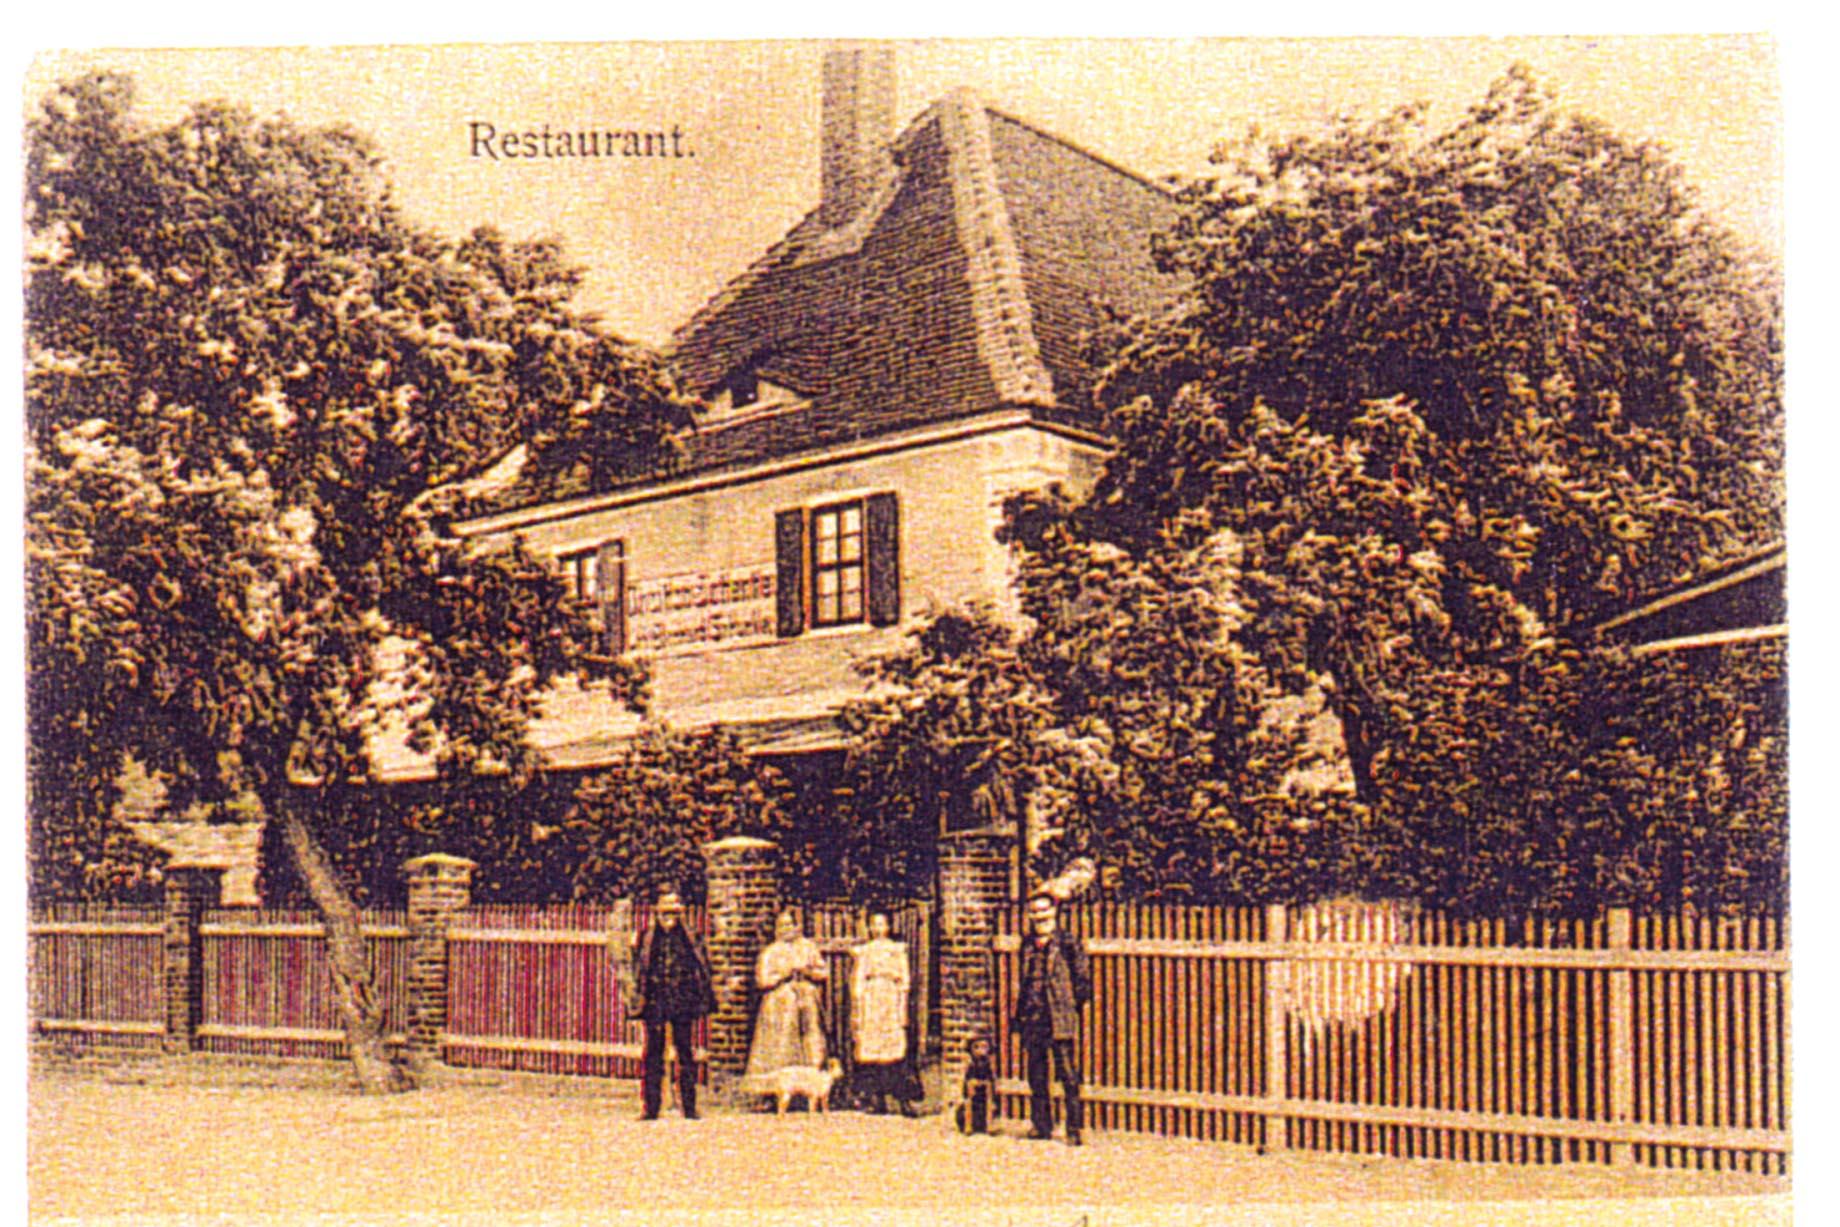 1890-1900, Restaurant Broihan-Schenke von Bernhard Schunke